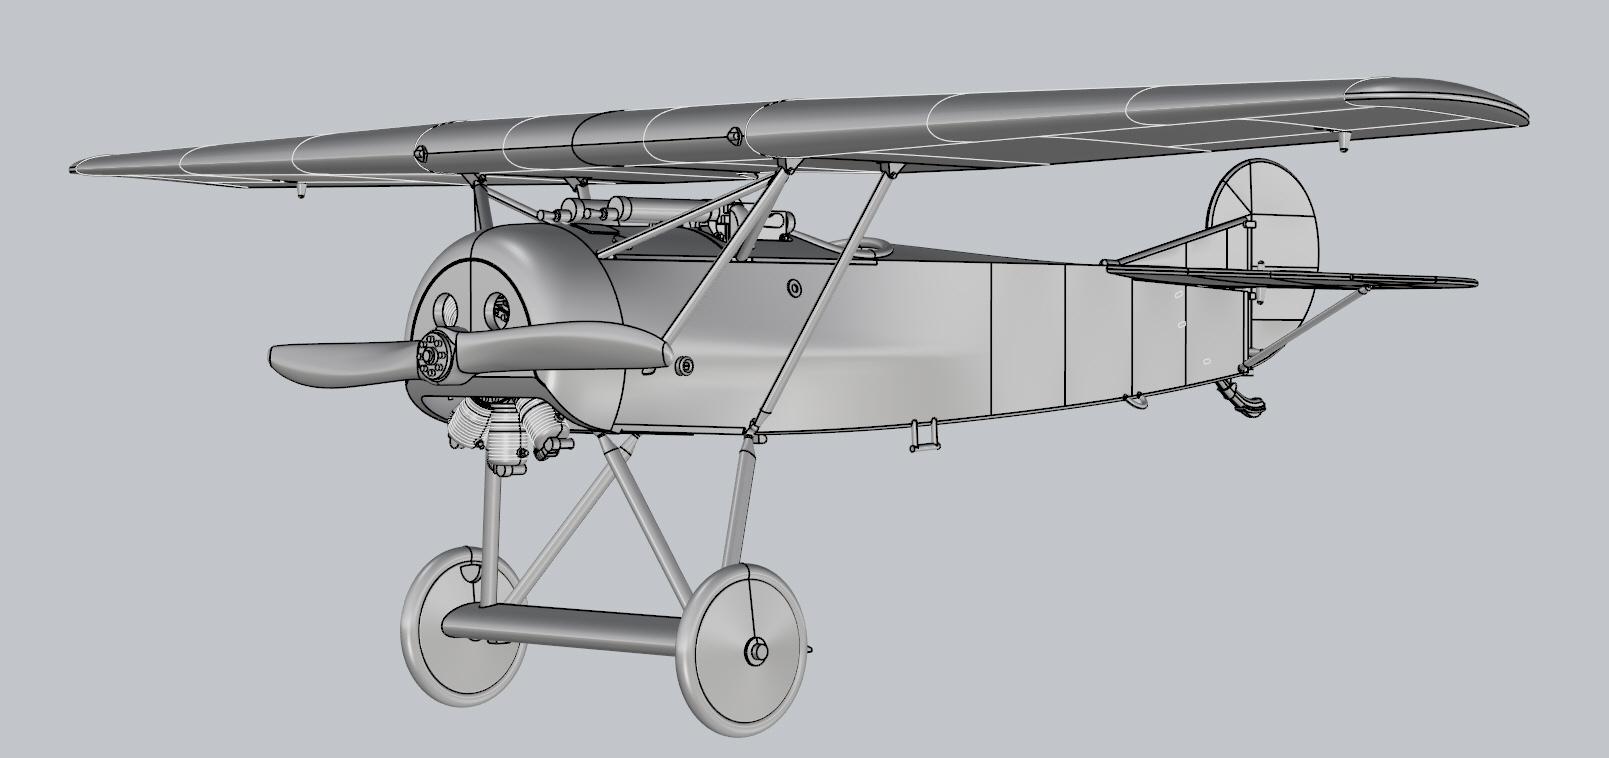 Fokker E.V Model kit Renders